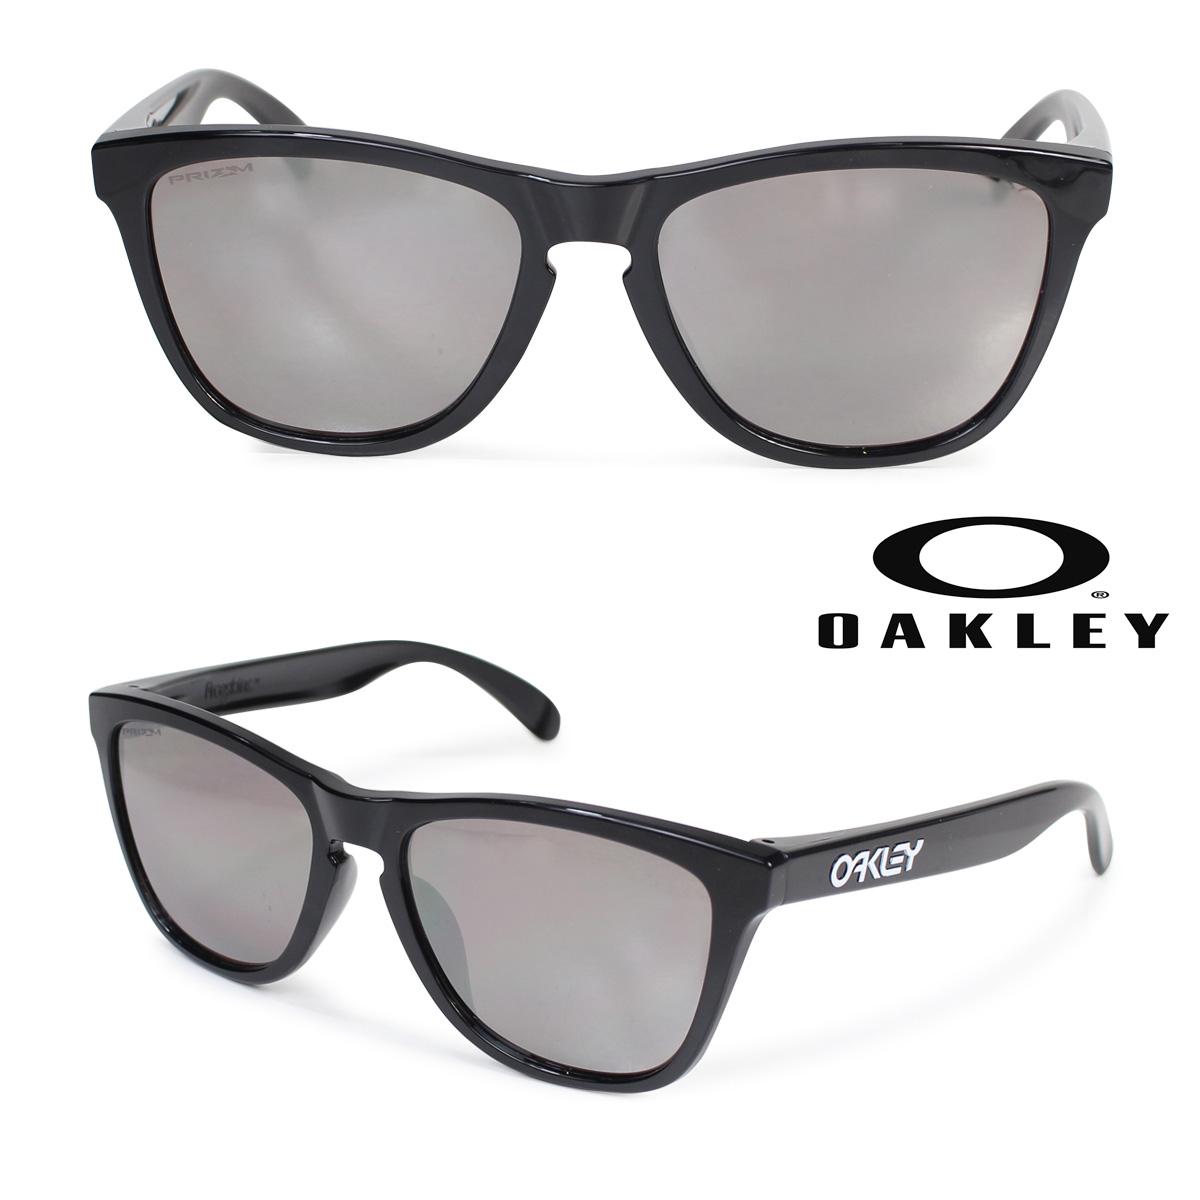 オークリー サングラス アジアンフィット Oakley Frogskins フロッグスキン ASIA FIT OO9245-62 メンズ レディース